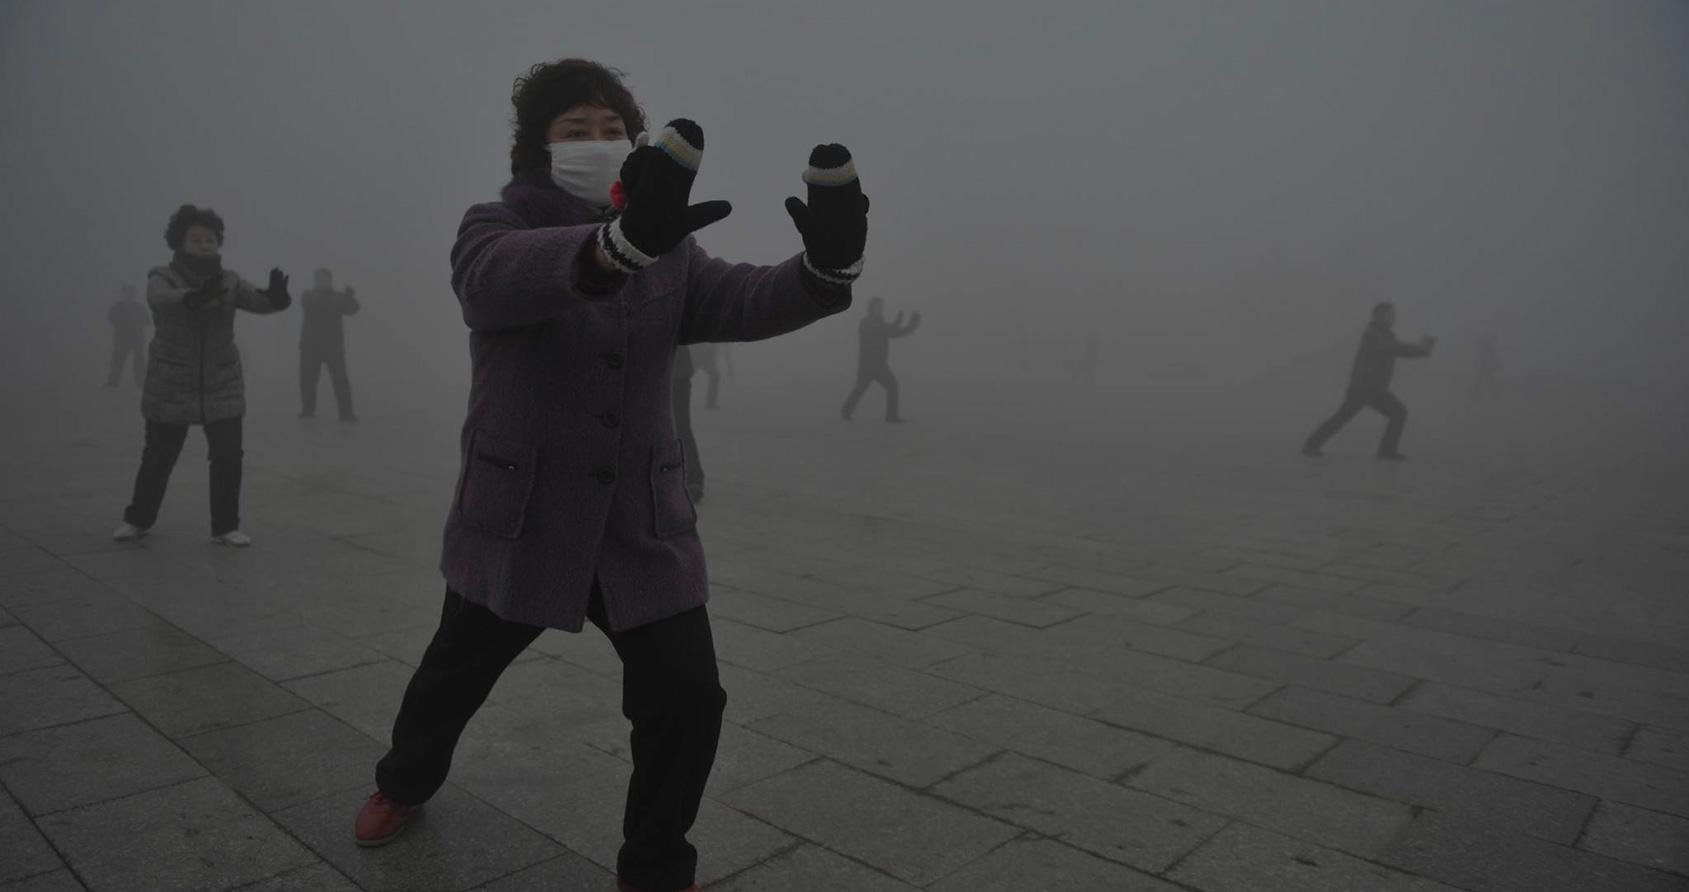 La Chine va-t-elle vraiment devenir le pays le plus écologique du monde ?